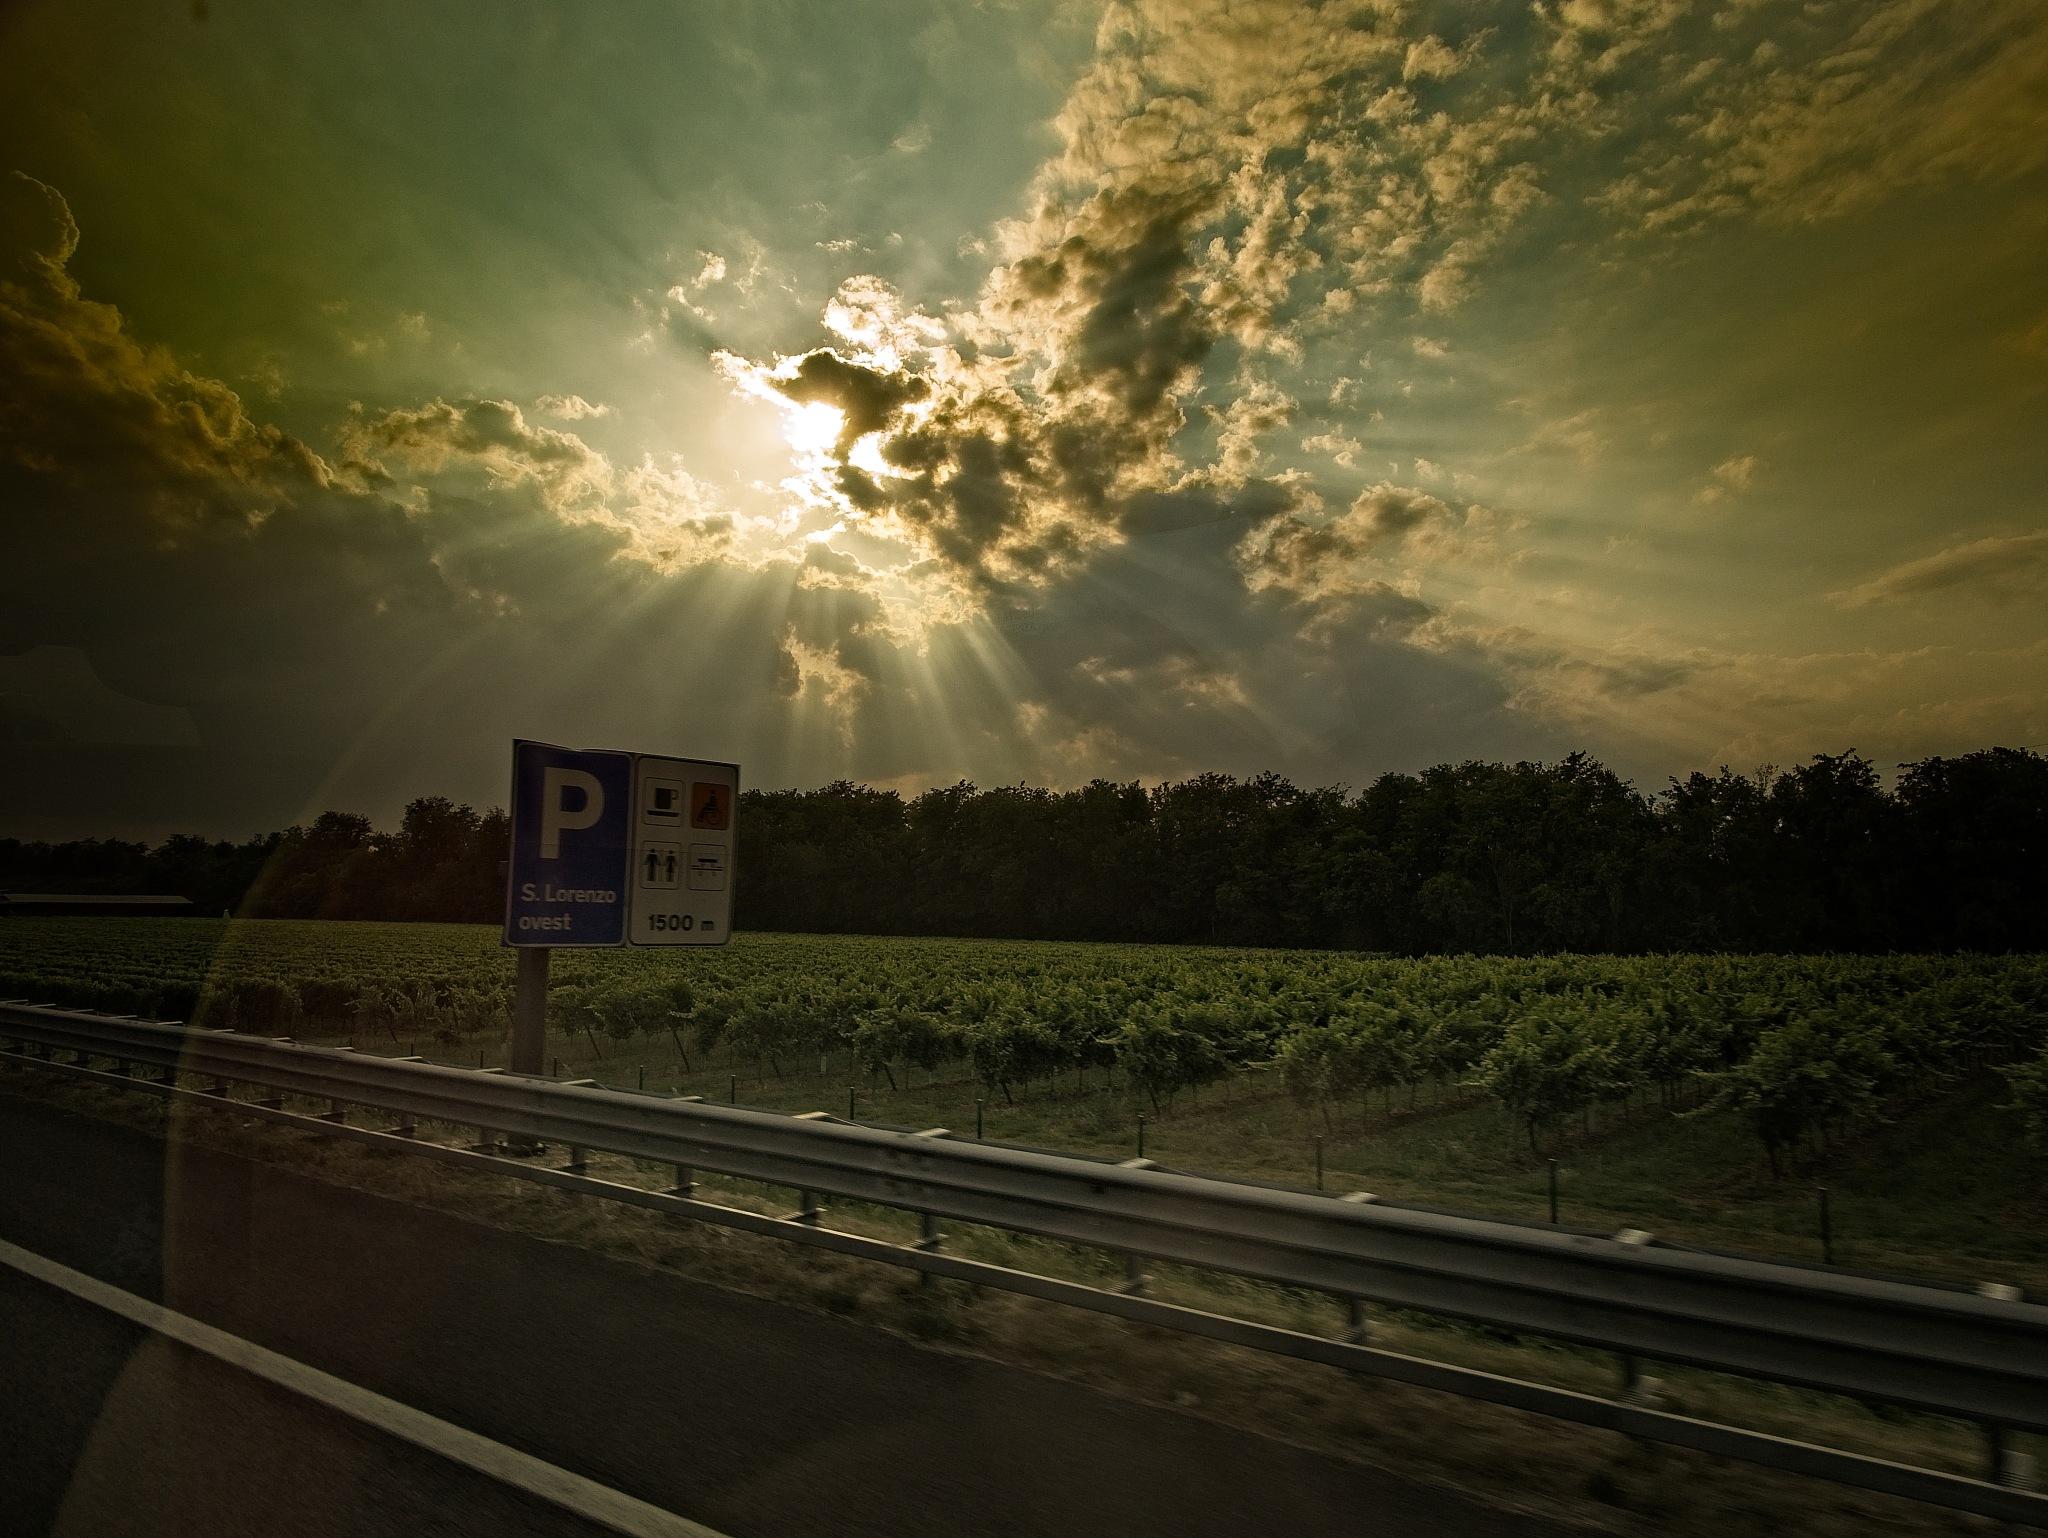 COACH TRIP by BugOlsson